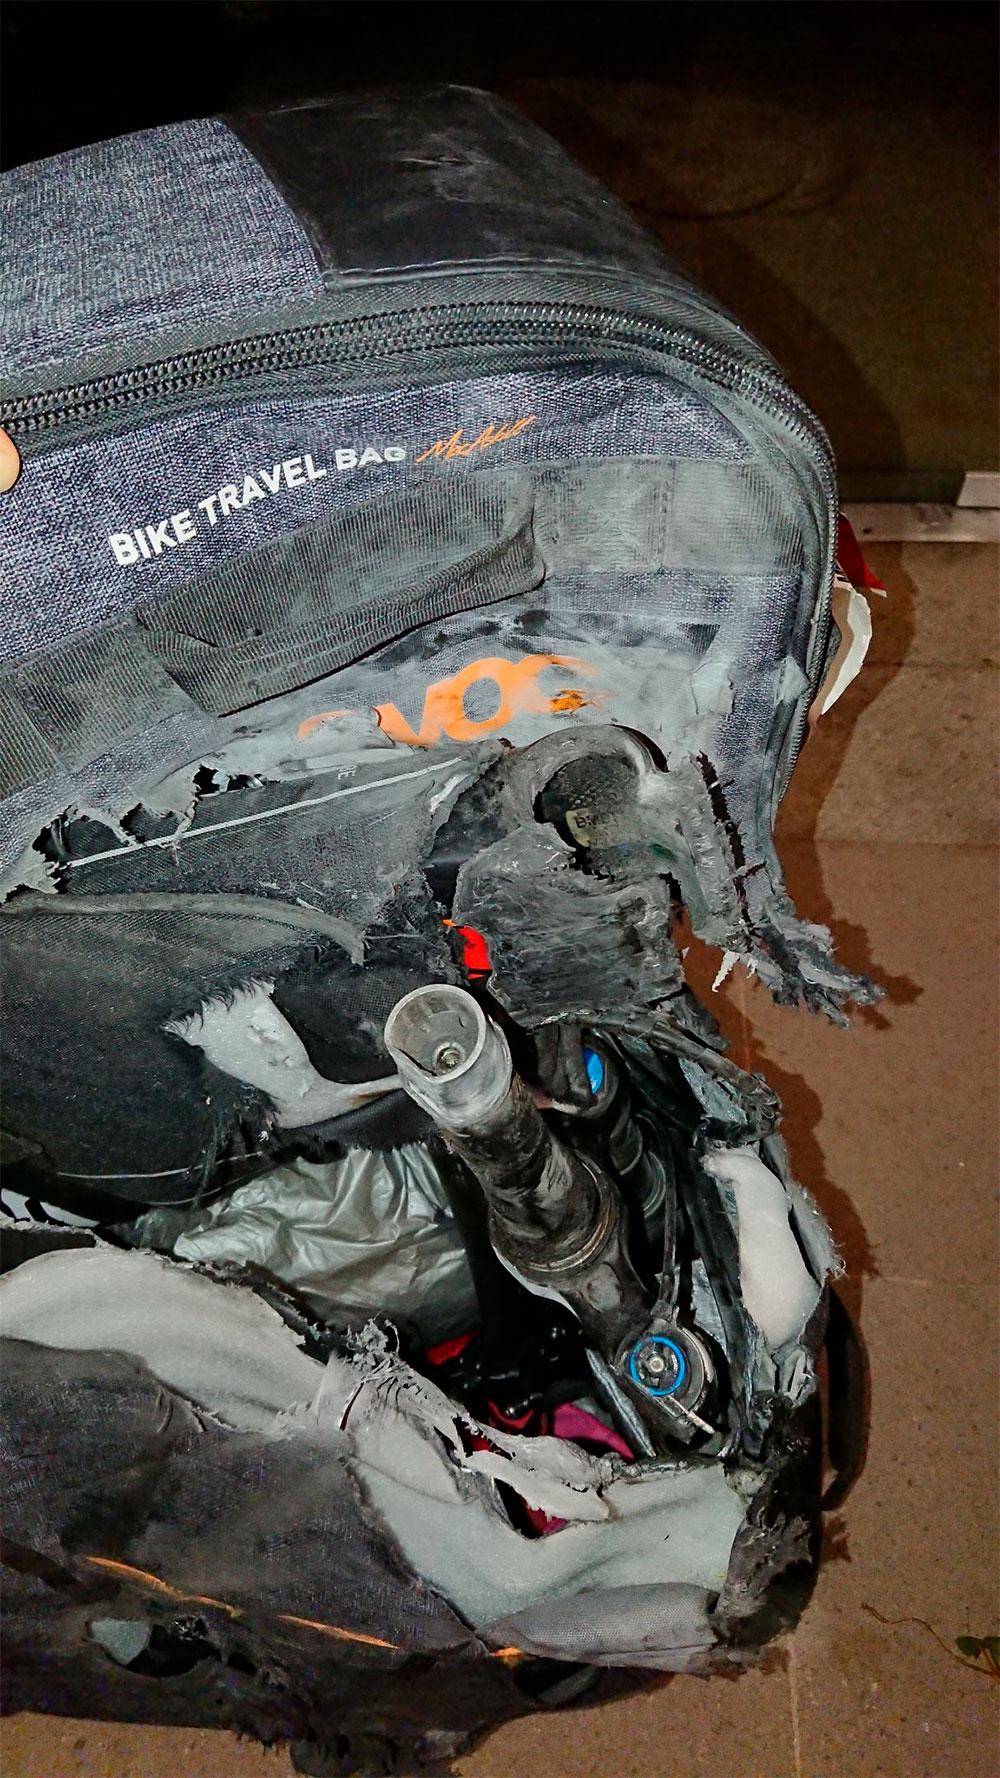 En TodoMountainBike: La bicicleta de Mayalen Noriega, 'reventada' en un vuelo de la compañía American Airlines